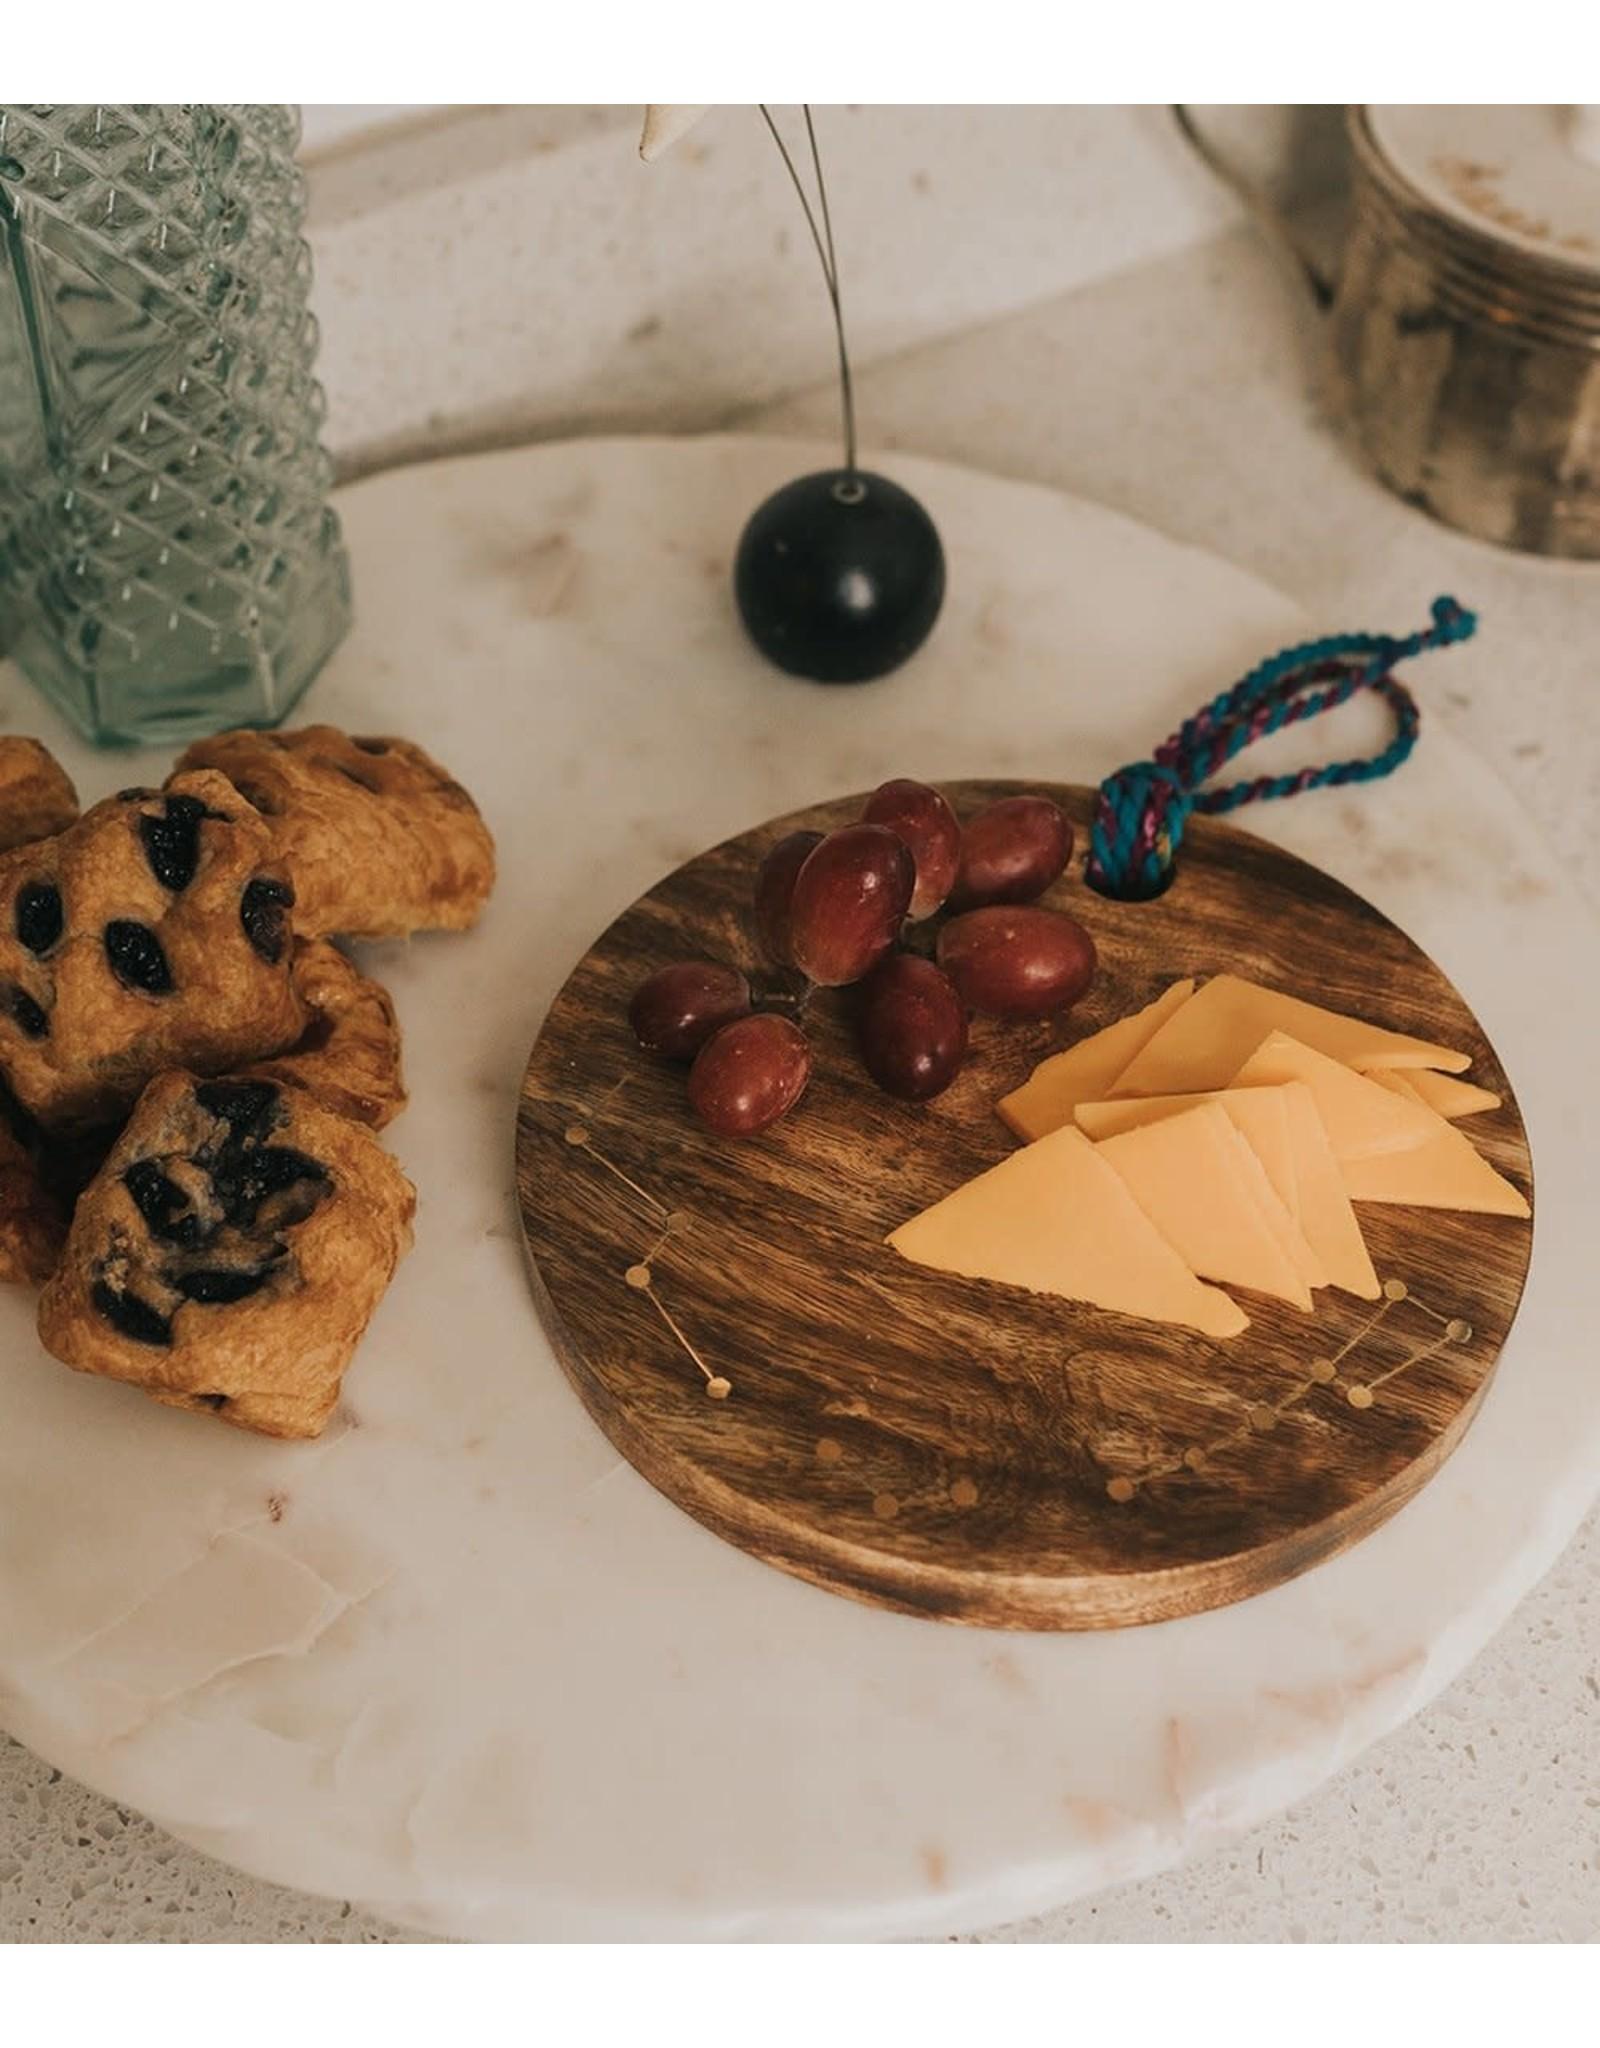 Matr Boomie Jyotisha Cheese Plank. India